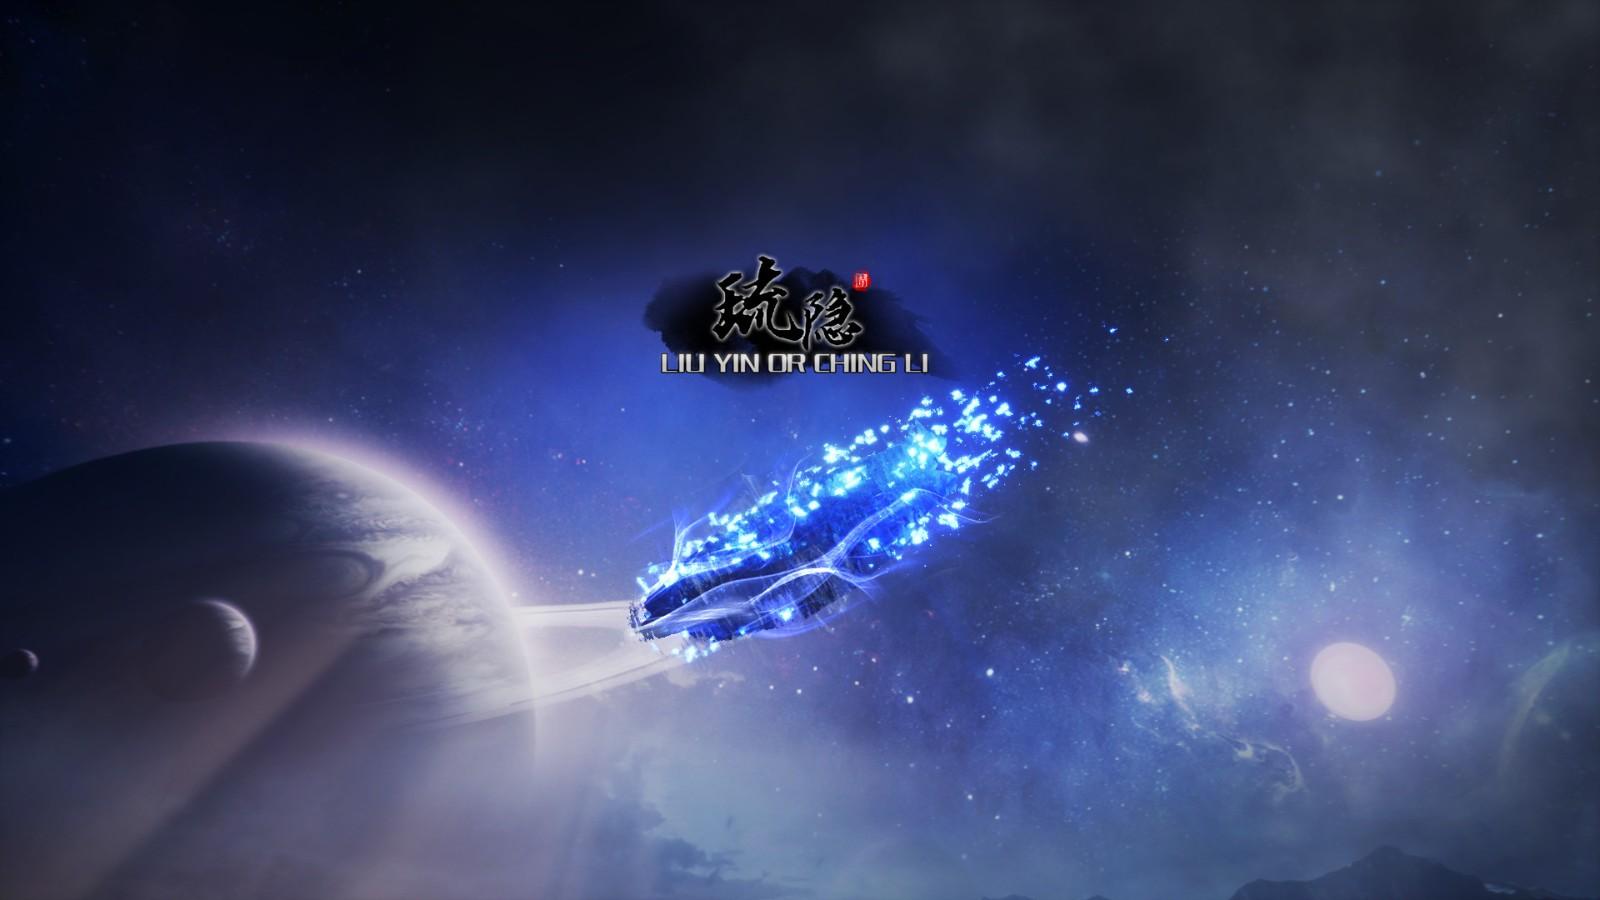 国产ARPG《琉隐》新预告片 驱妖师大战妖灵